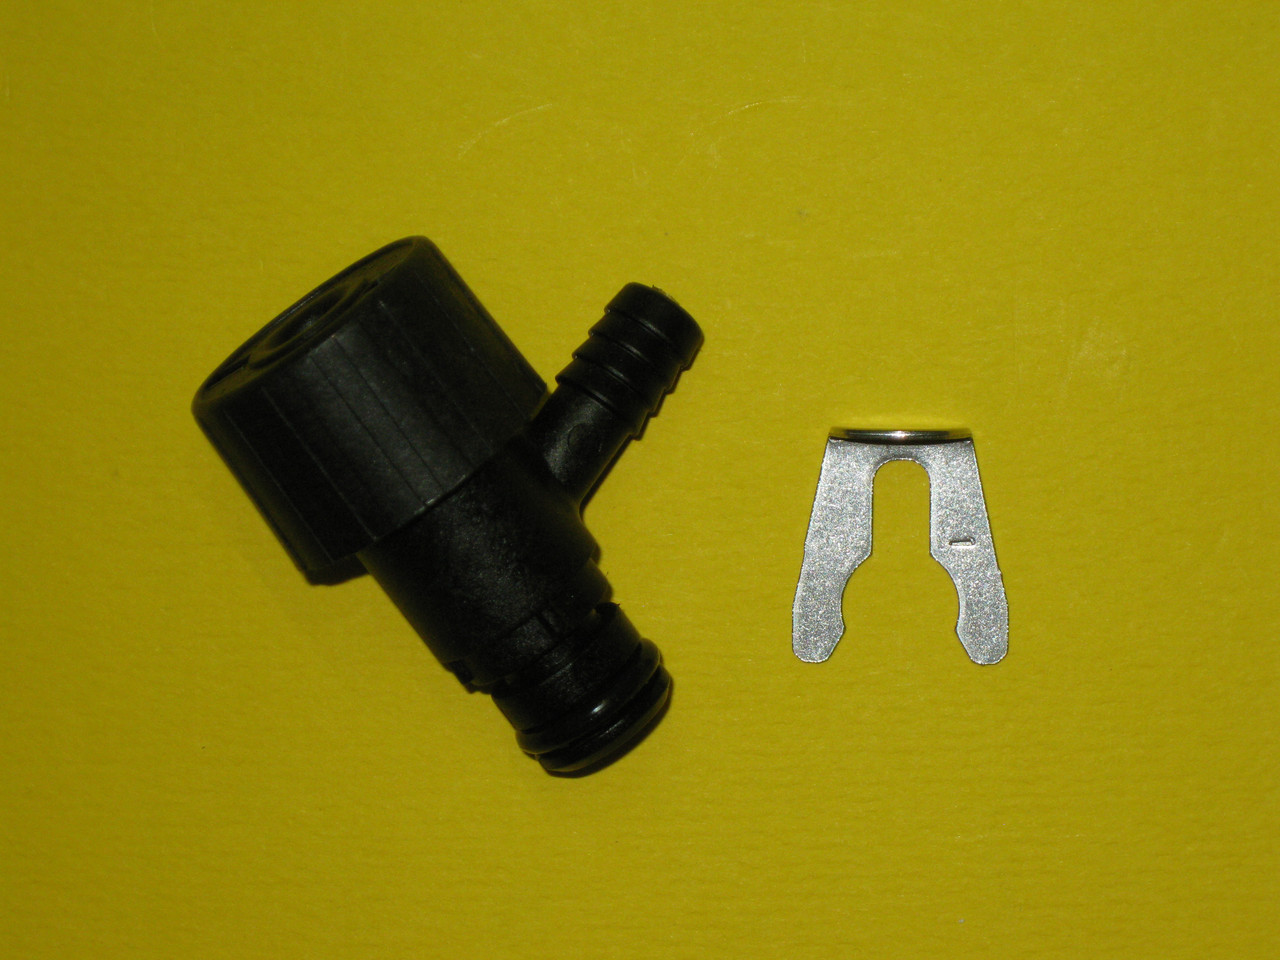 Кран дренажа (слива) S10063 Saunier Duval Themaclassic, Combitek